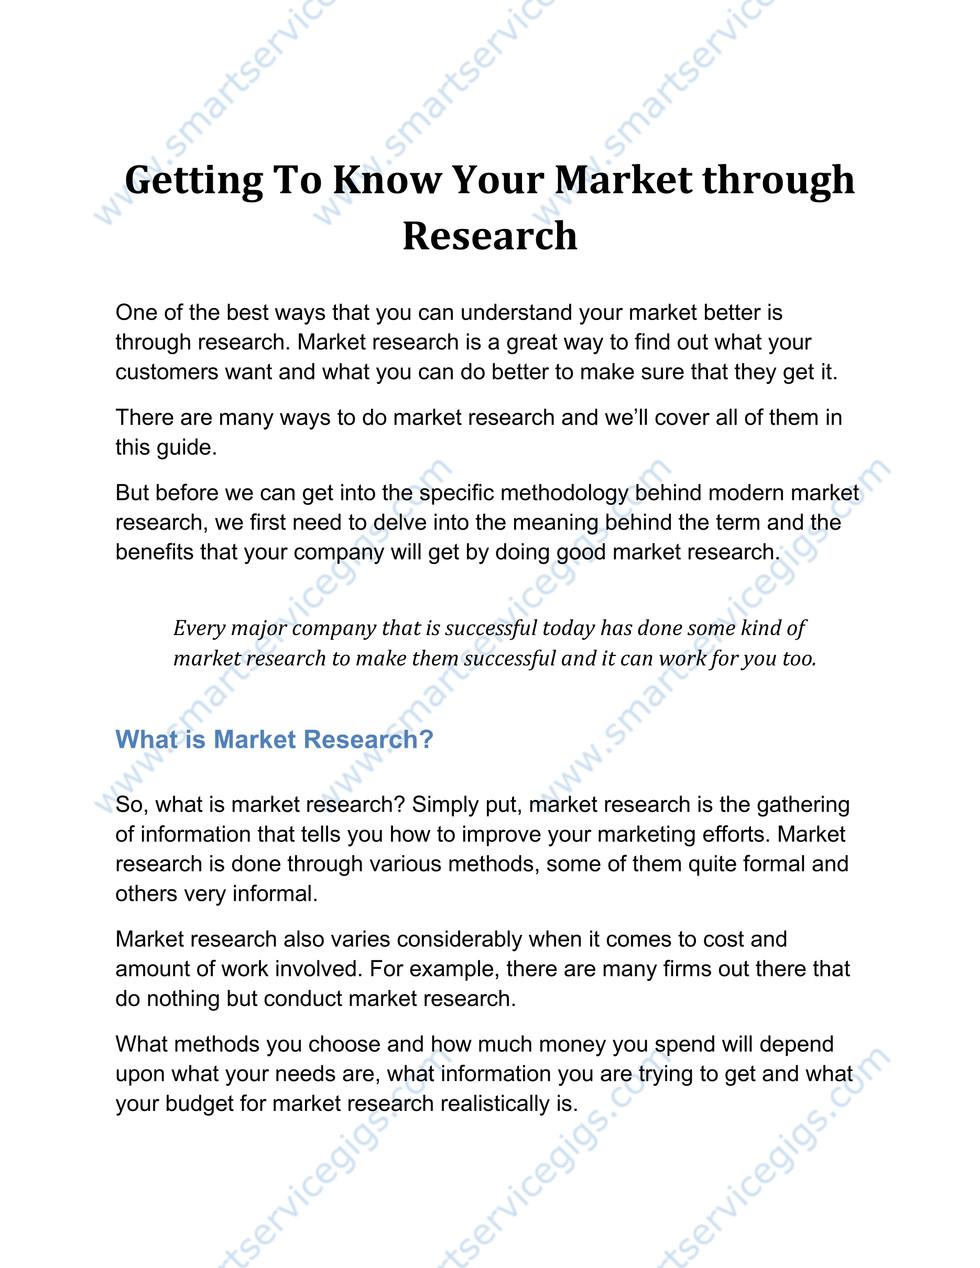 1-PDF Watermark Sample 6.jpg